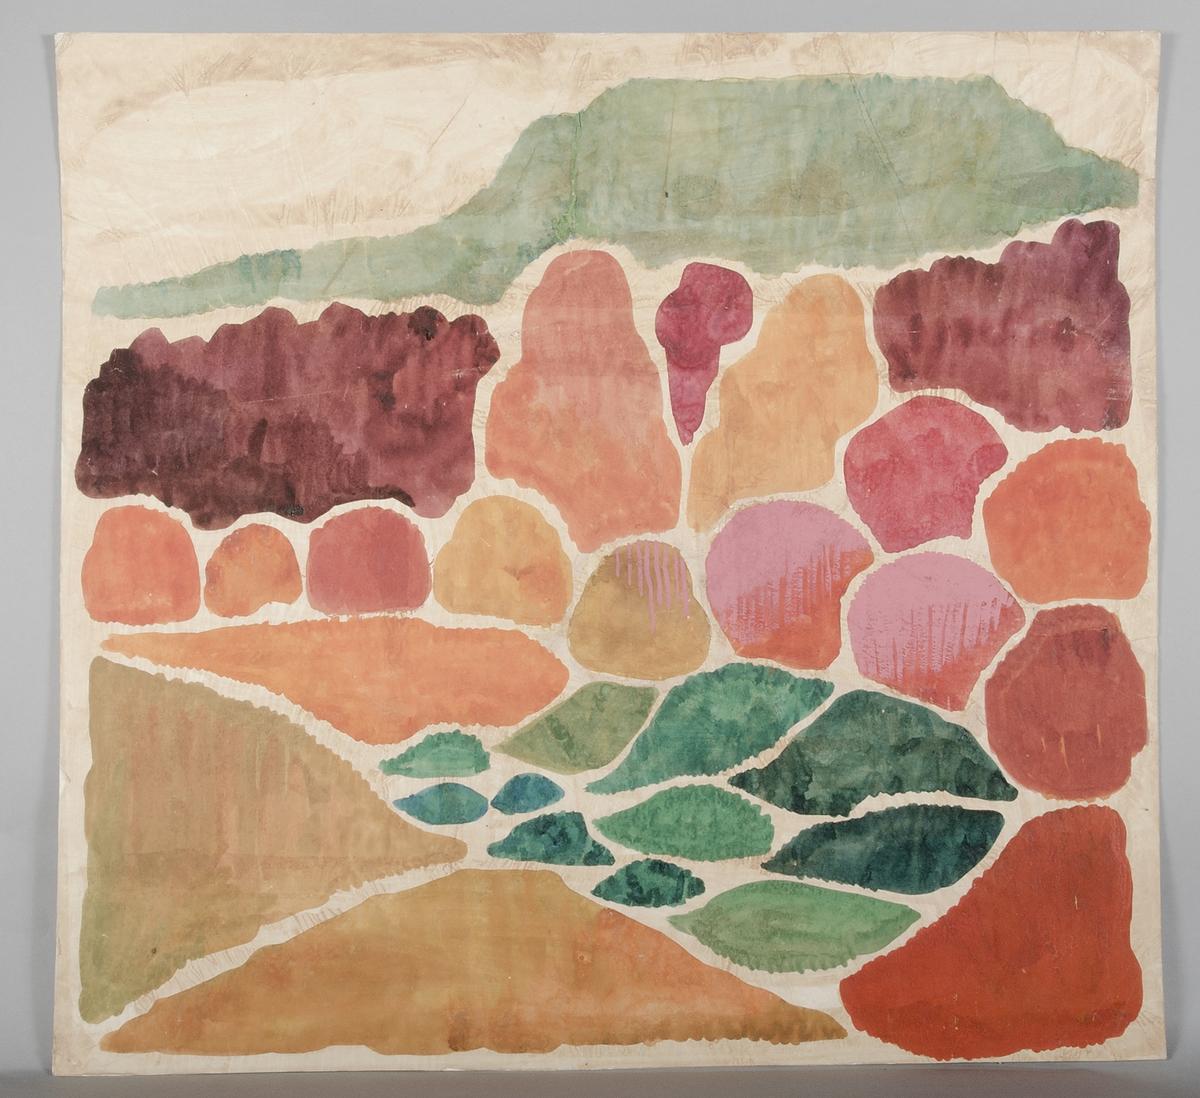 """Tre färgskisser som visar förslag till dekorativ vävnad. Skisserna är gjorda med vattenfärg på silkespapper som klistrats på kartong. Skisserna är i blå, gula respektive röda nyanser. På baksidan är skisserna märkta med """"B-4052 ARKIV"""" och en stämpel med texten """"KONSTHANTVERKARE INDUSTRIFORMGIVARE FÖRENING Denna originalritning är upphovsmannens egendom och får ej reproduceras, kopieras eller läggas till grund för utförande av alster, ej heller visas för konkurrerande firmor eller andra obehöriga. Om avtal om överlåtelse ej träffas skall ritningen återlämnas till upphovsmannen på anmodan av denne eller om den förkommit ersättas med kr 200:-"""". På baksidan av skisserna finns även påklistrade gröna etiketter med ungefär följande text (små variationer mellan skisserna) """"'STENRÖSET BORT I BACKEN'. (röd). Förslag till serievävd textil. Storlek: 68 x72 cm. Skiss i naturlig skala. Teknik: Ryssväv - se bifogat prov. FÖR UPSALA LÄNS HEMSLÖJDSFÖRENING. Sigtuna den 15.3.1972 Gunilla Schildt Stuart""""."""